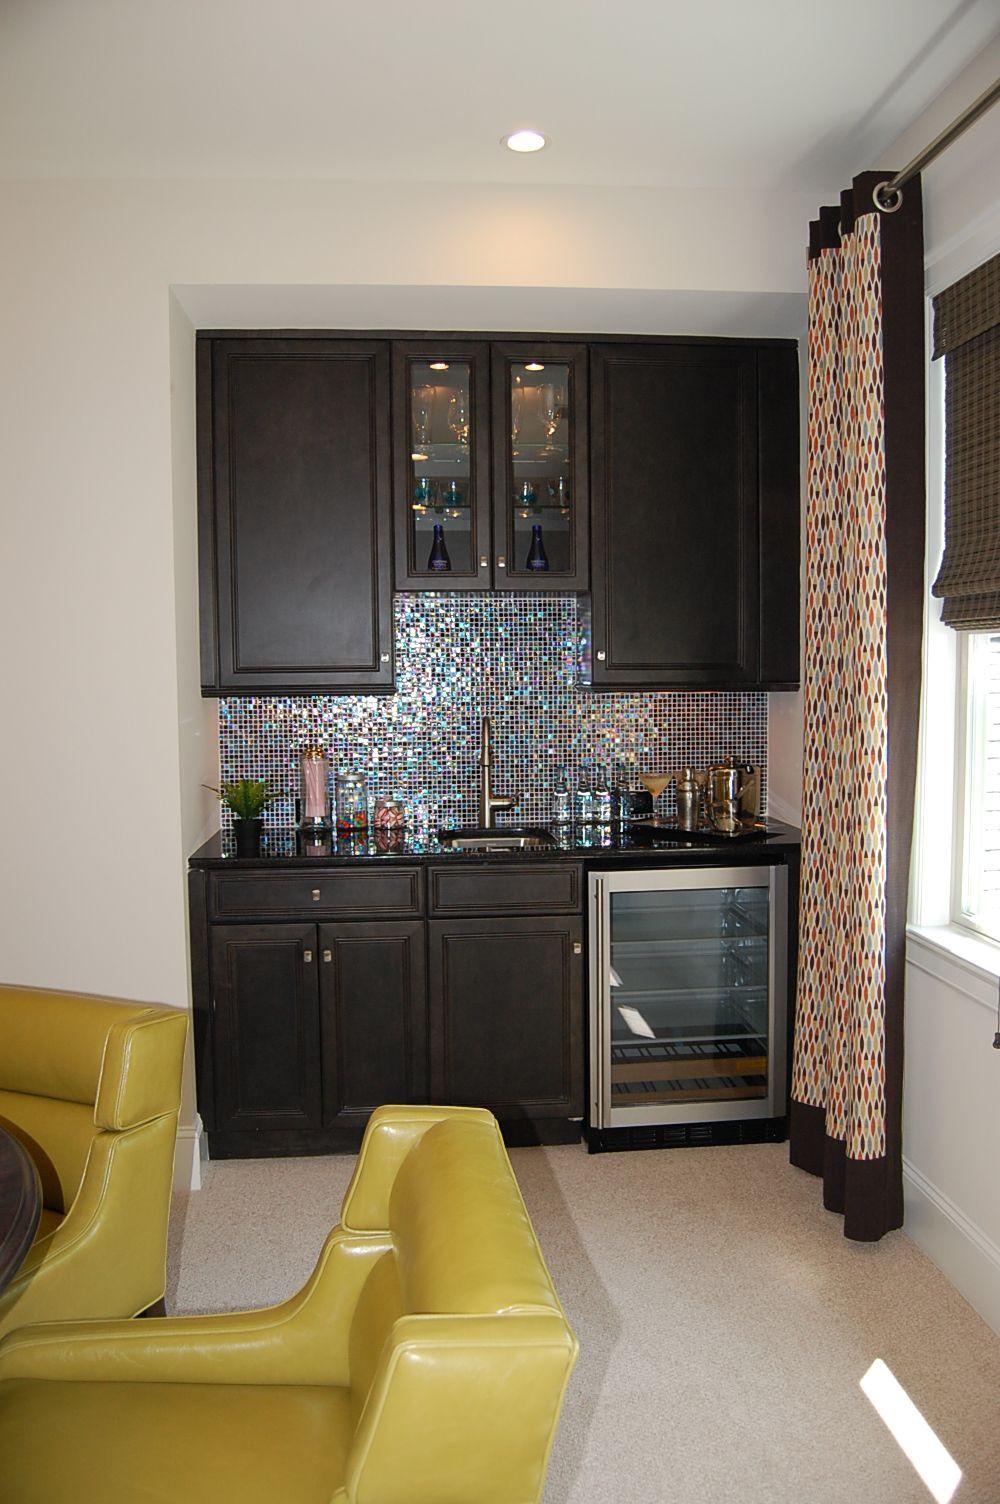 Small Bar For Living Room  ARH CAMDEN 1212 MODEL BC101 Bonus room wet bar